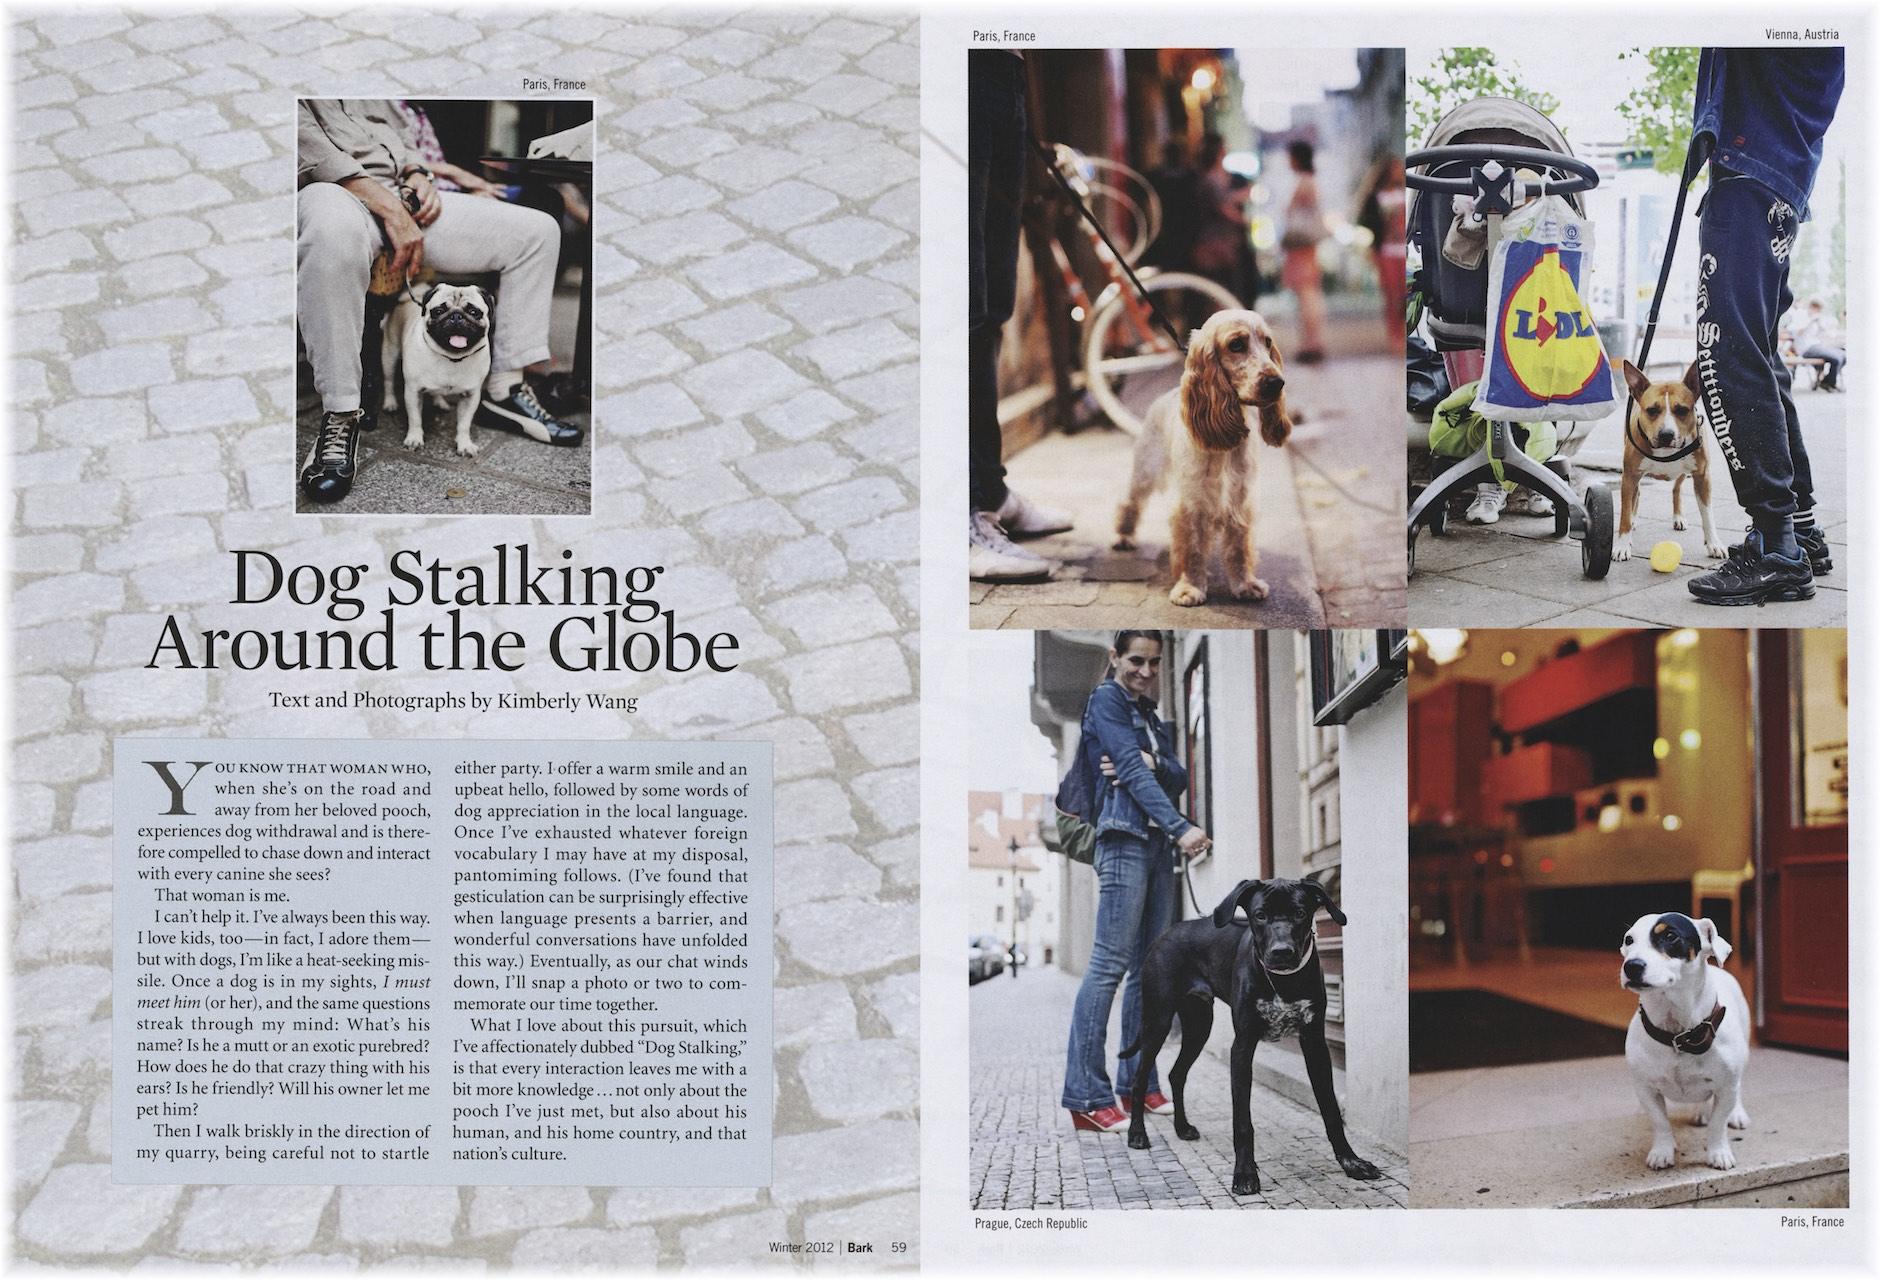 The Bark Dog Stalking1.jpg